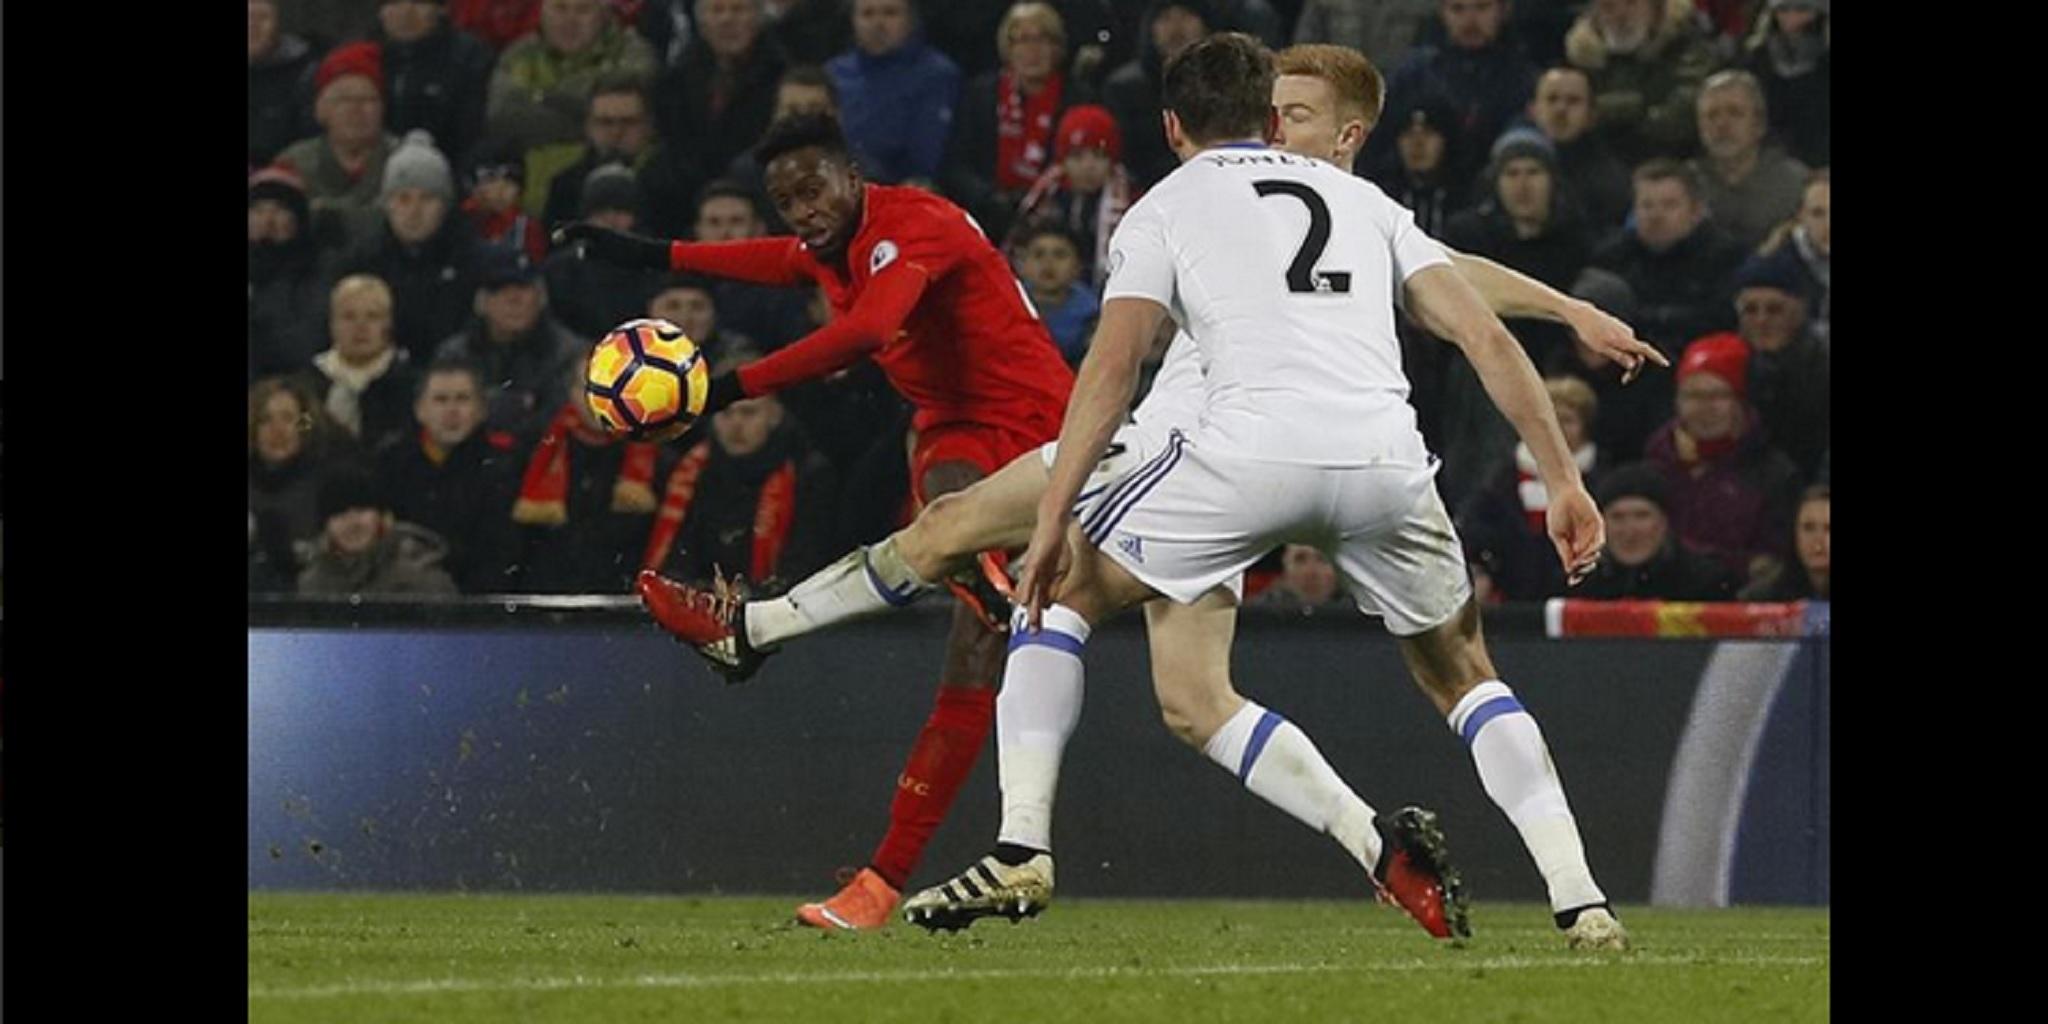 liverpool vs sunderland, philippe coutinho, divoc origi, liverpool, hasil pertandingan, coutinho cedera